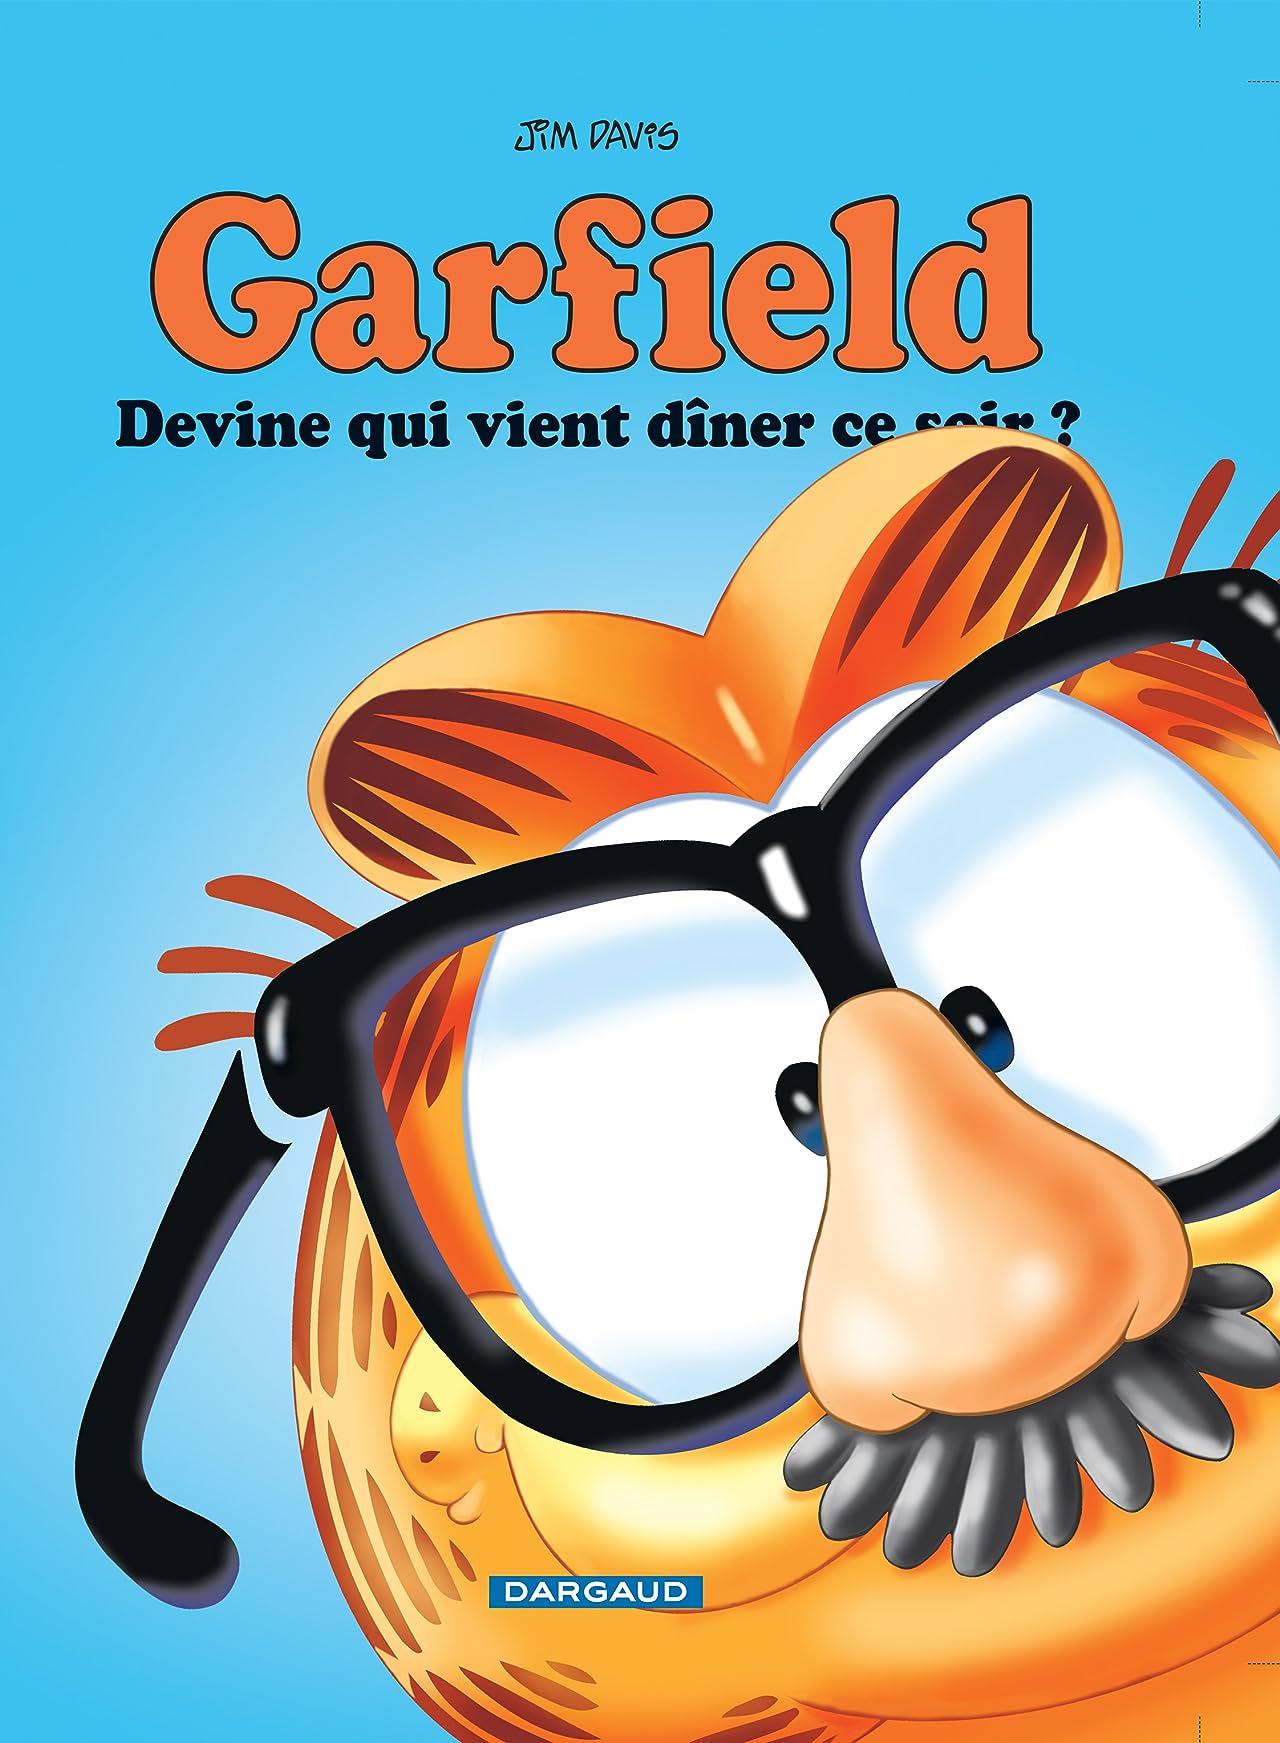 Garfield Vol. 42: Devine qui vient diner ce soir